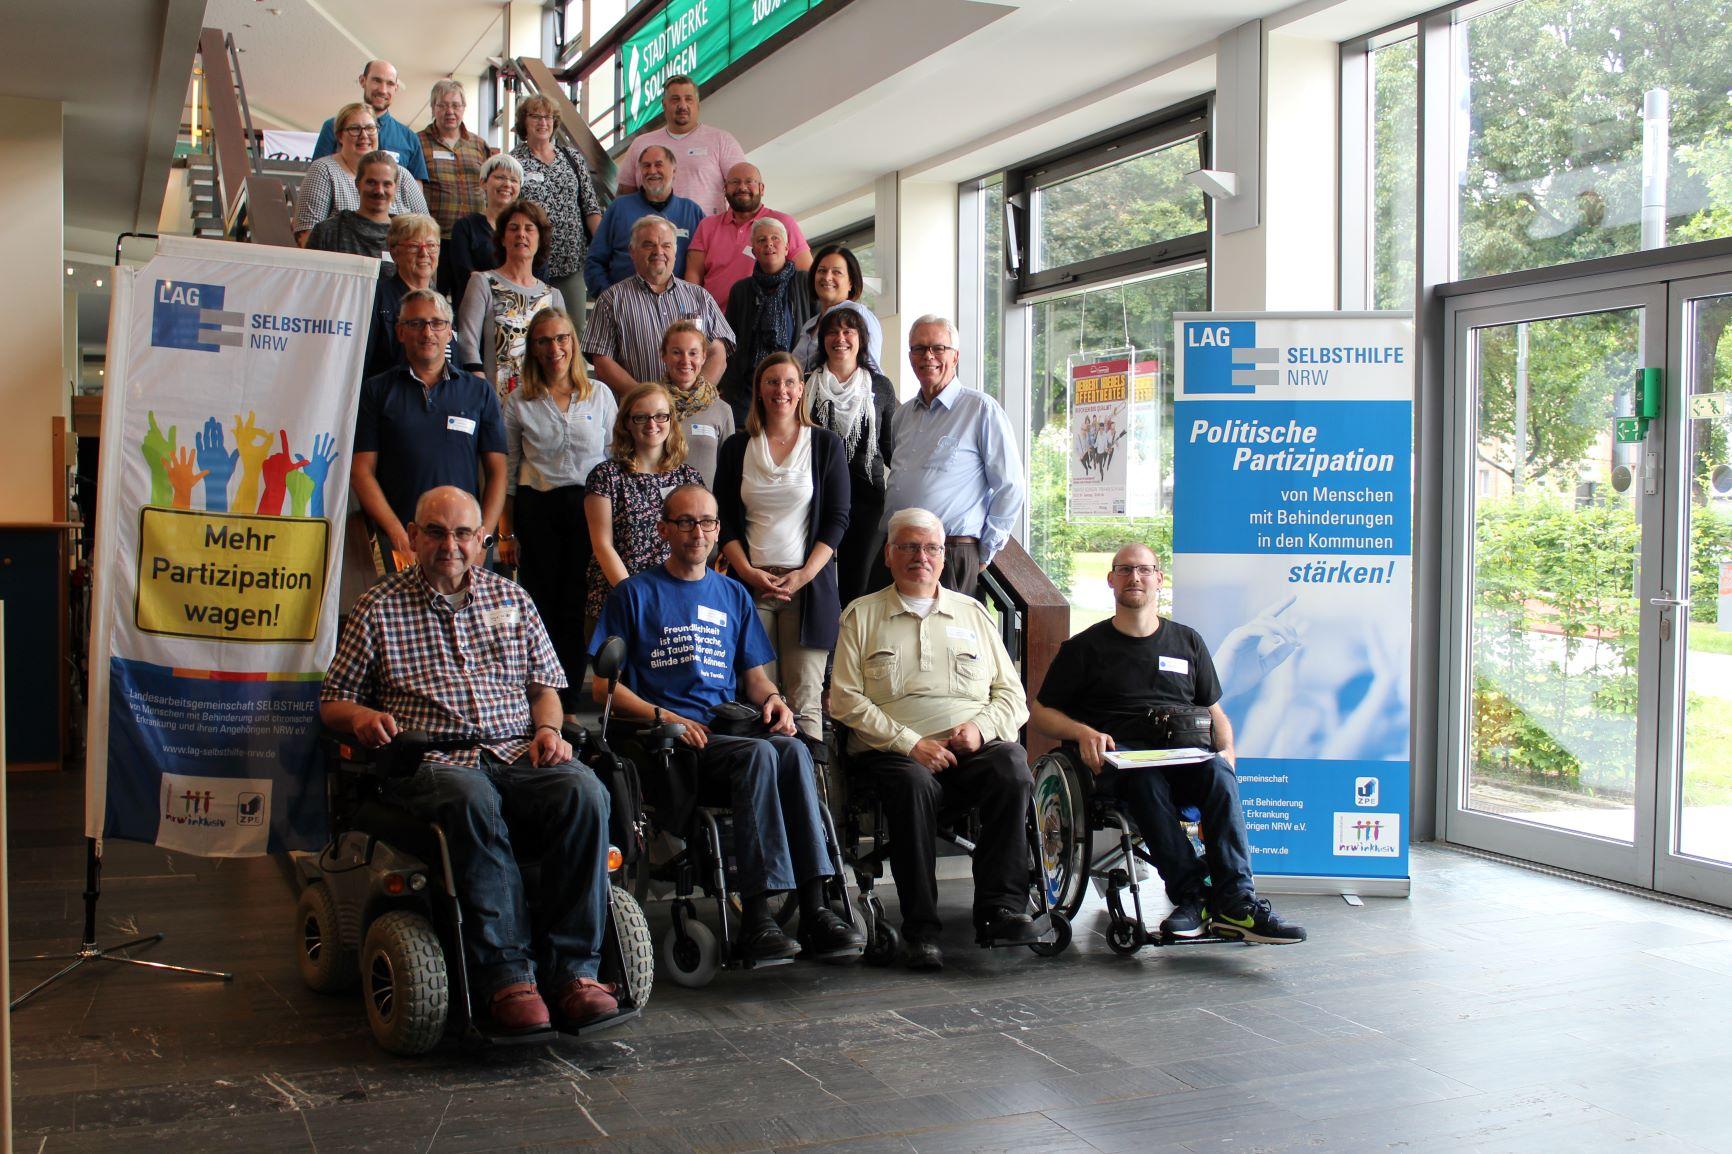 Die Teilnehmer*innen des Workshops in Solingen